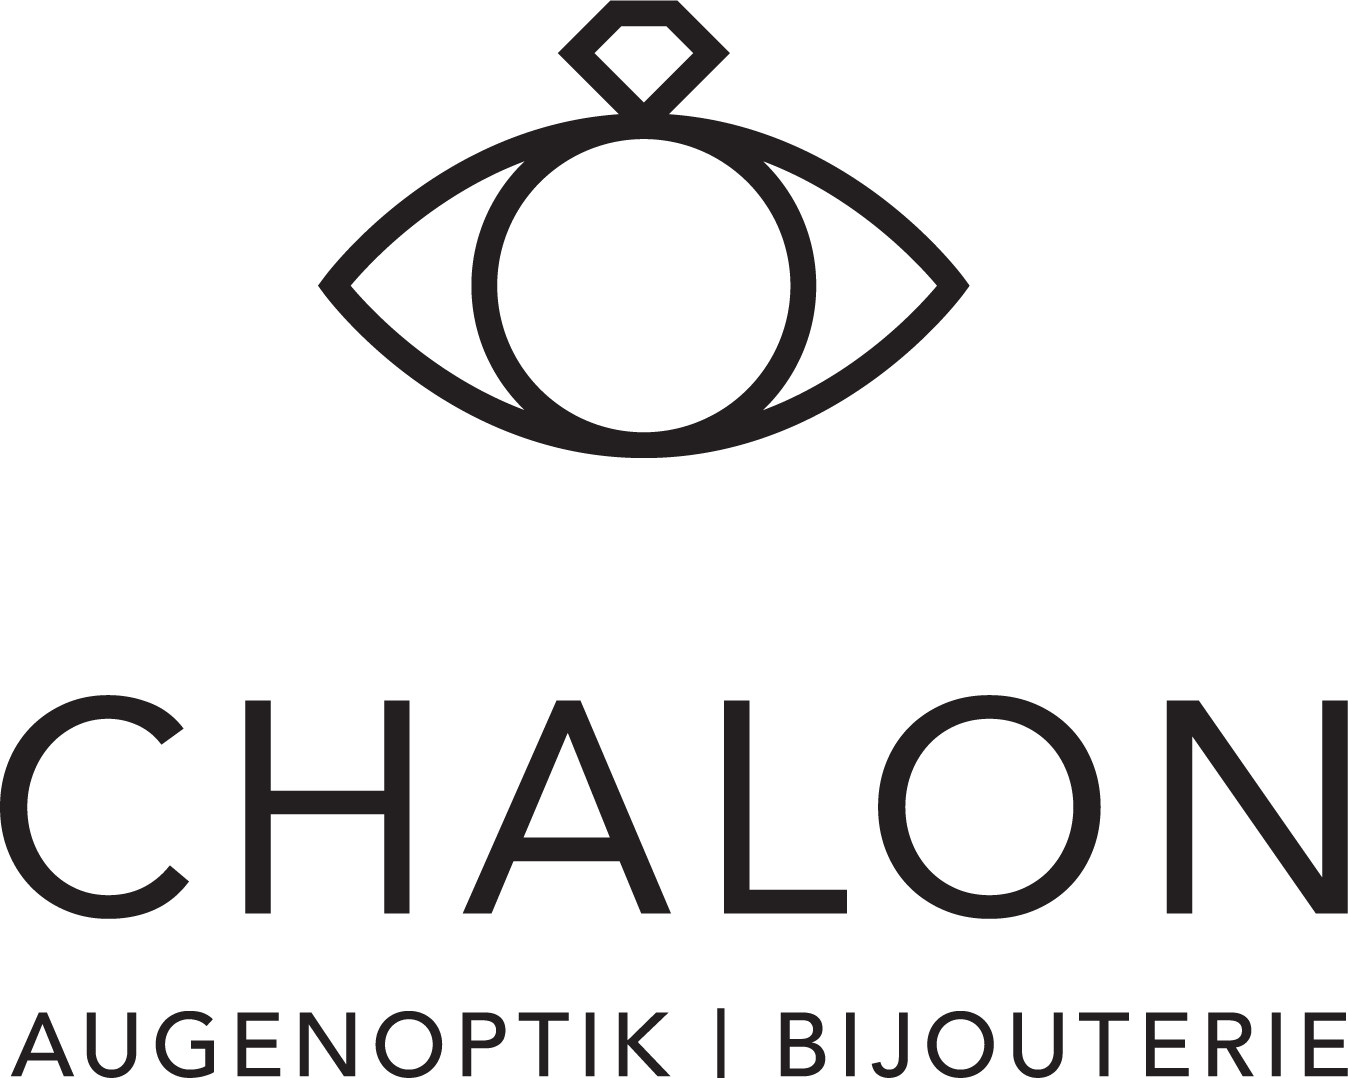 CHALON Augenoptik & Bijouterie